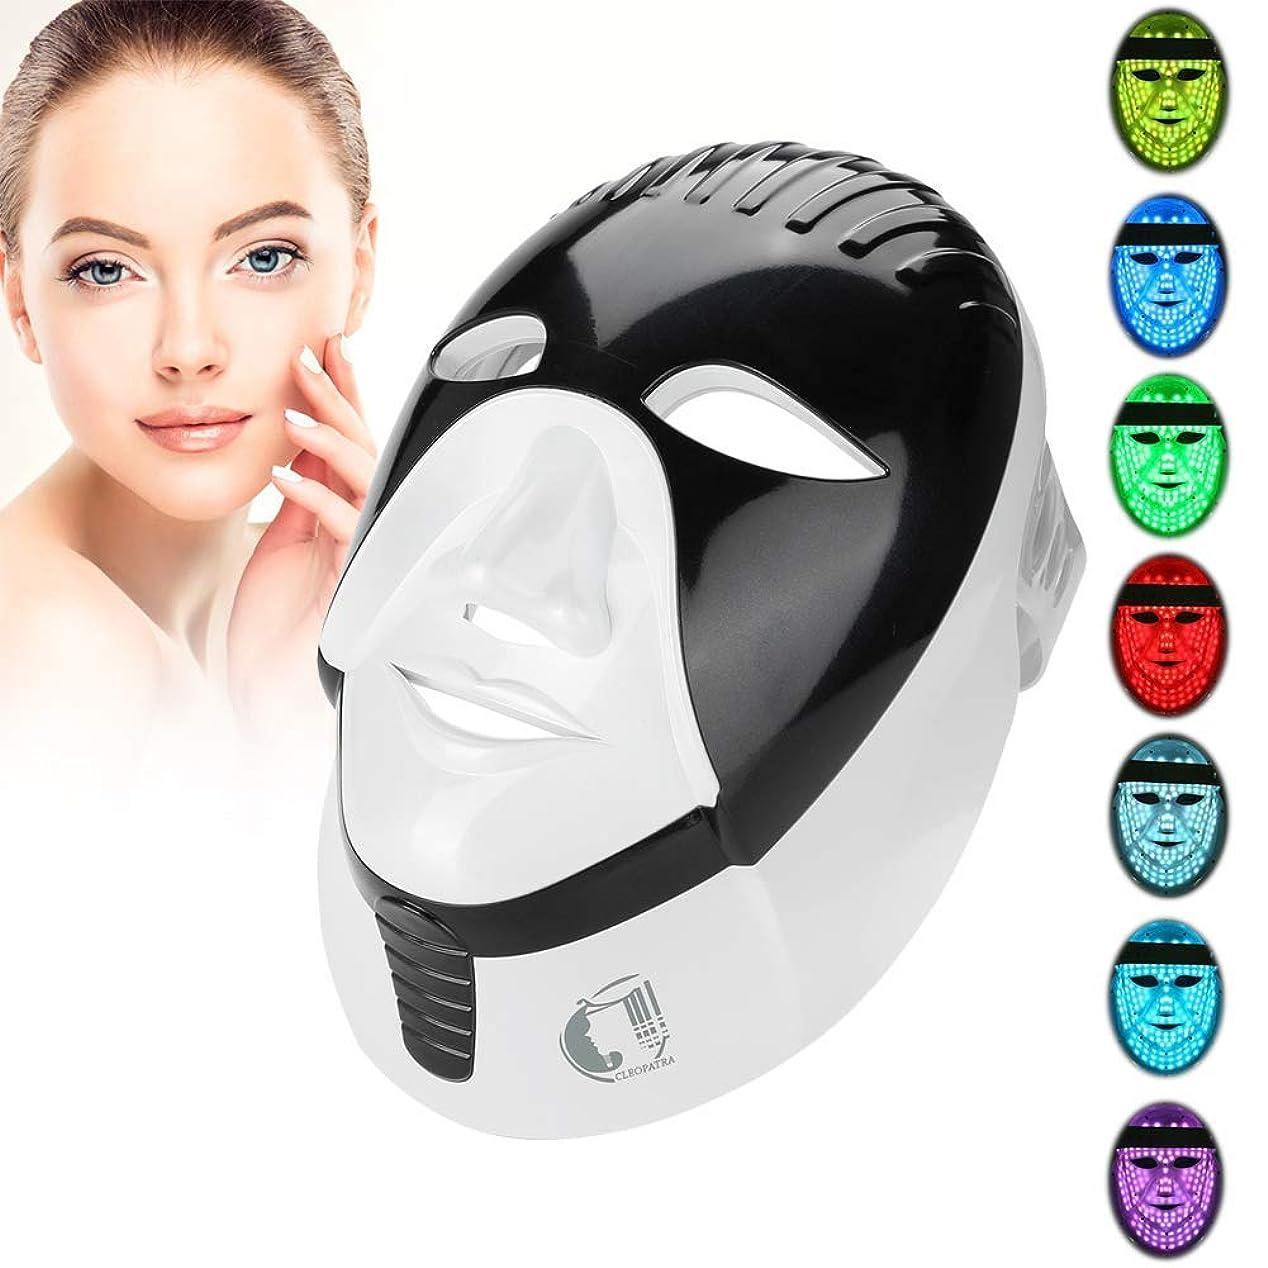 ペンス神秘的な不条理フォトンセラピー7色マスク、毎日のスキンケアの若返りにきびとしわの除去のための美光療法フェイシャル